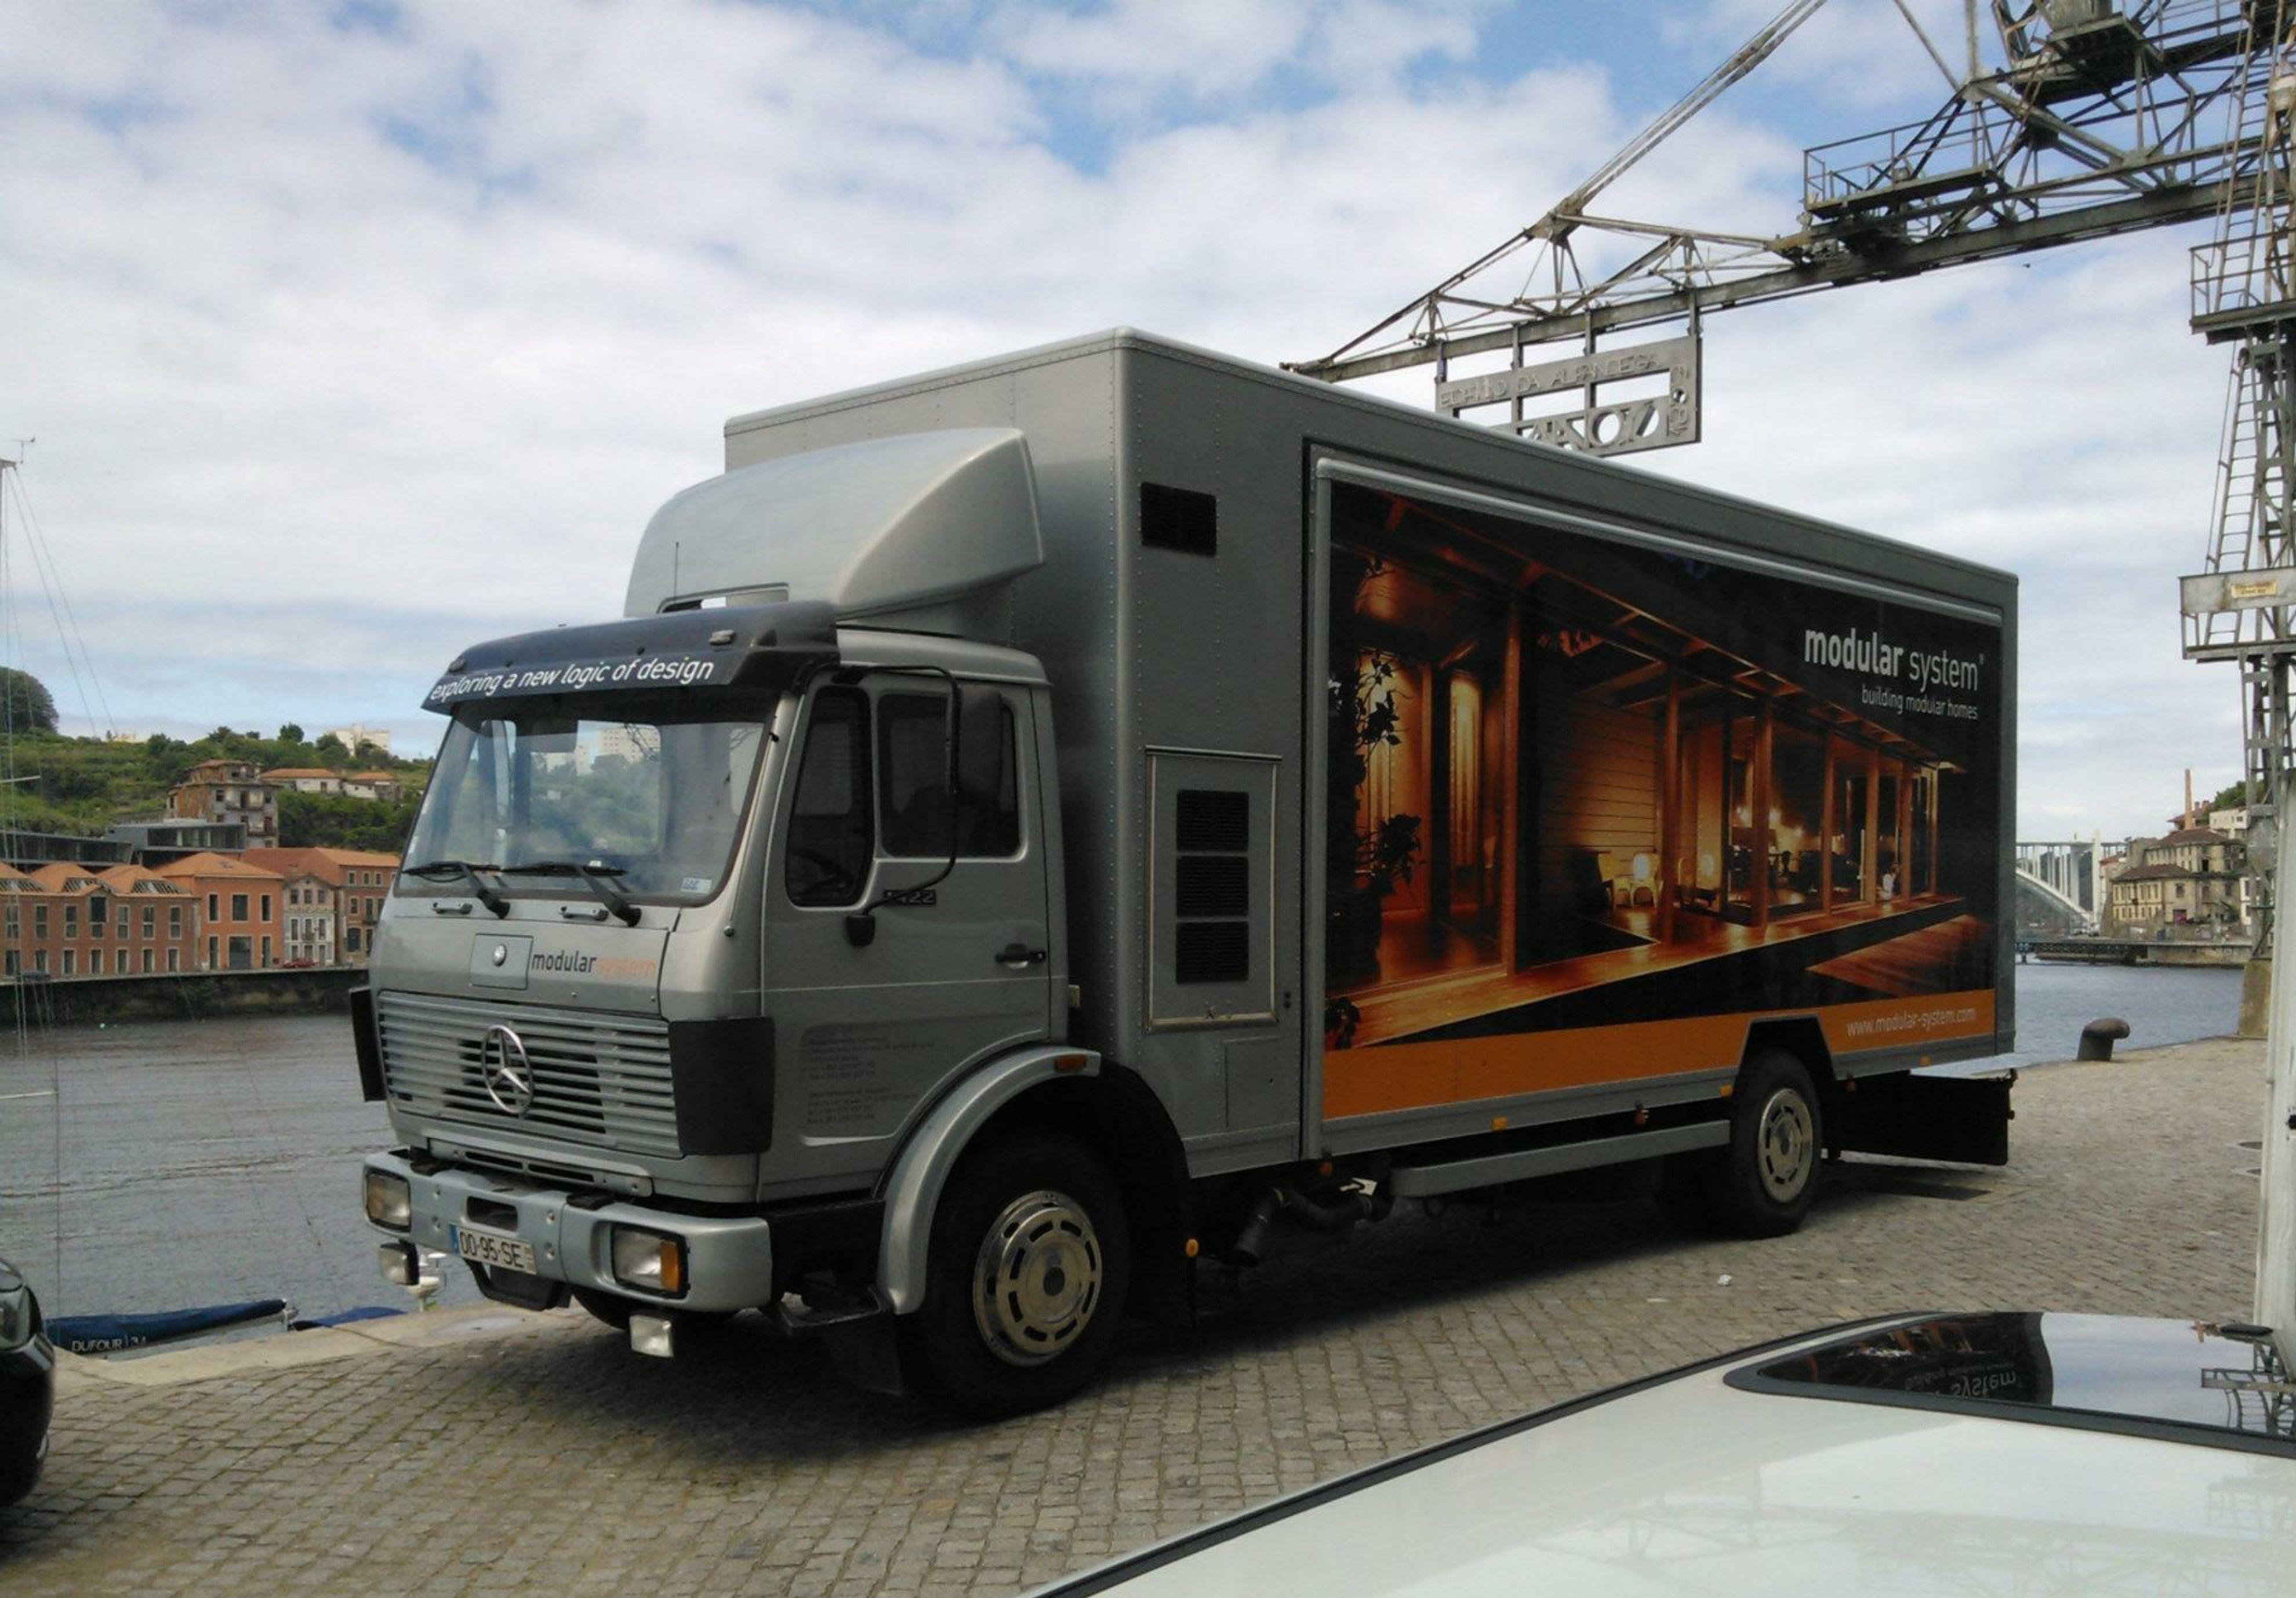 Camião Modular System